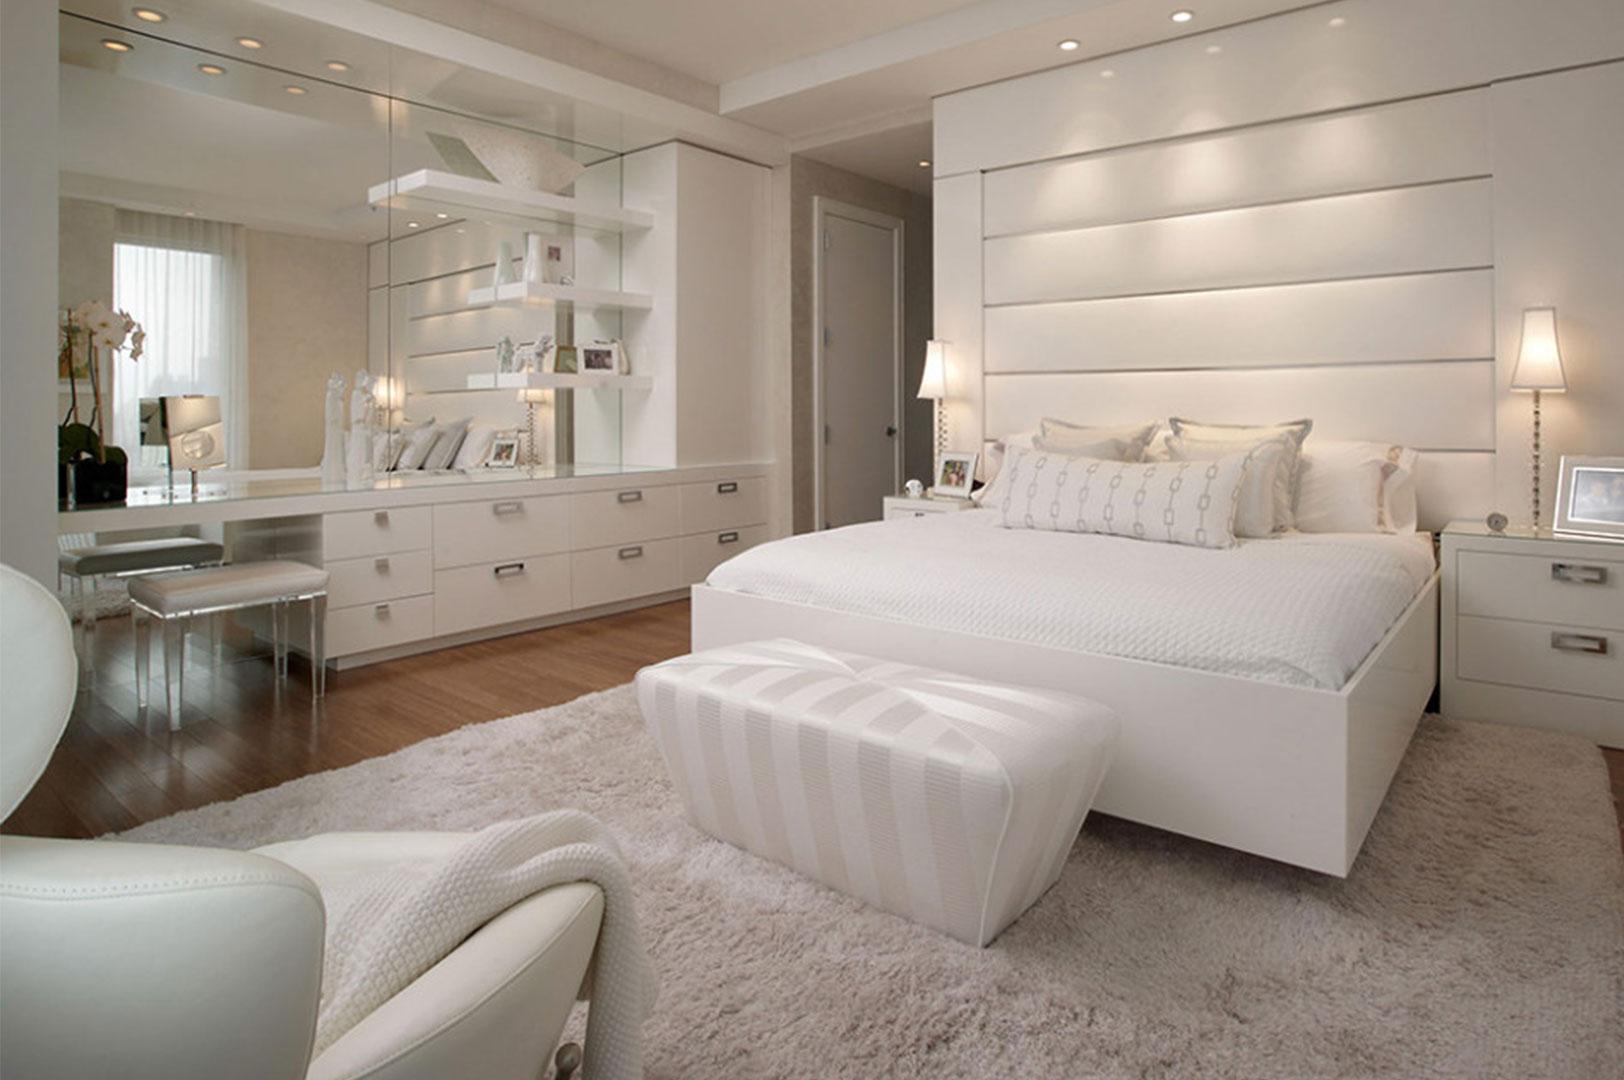 أشكال تصاميم ديكورات غرف نوم بيضاء مودرن مع أرضيات باركيه